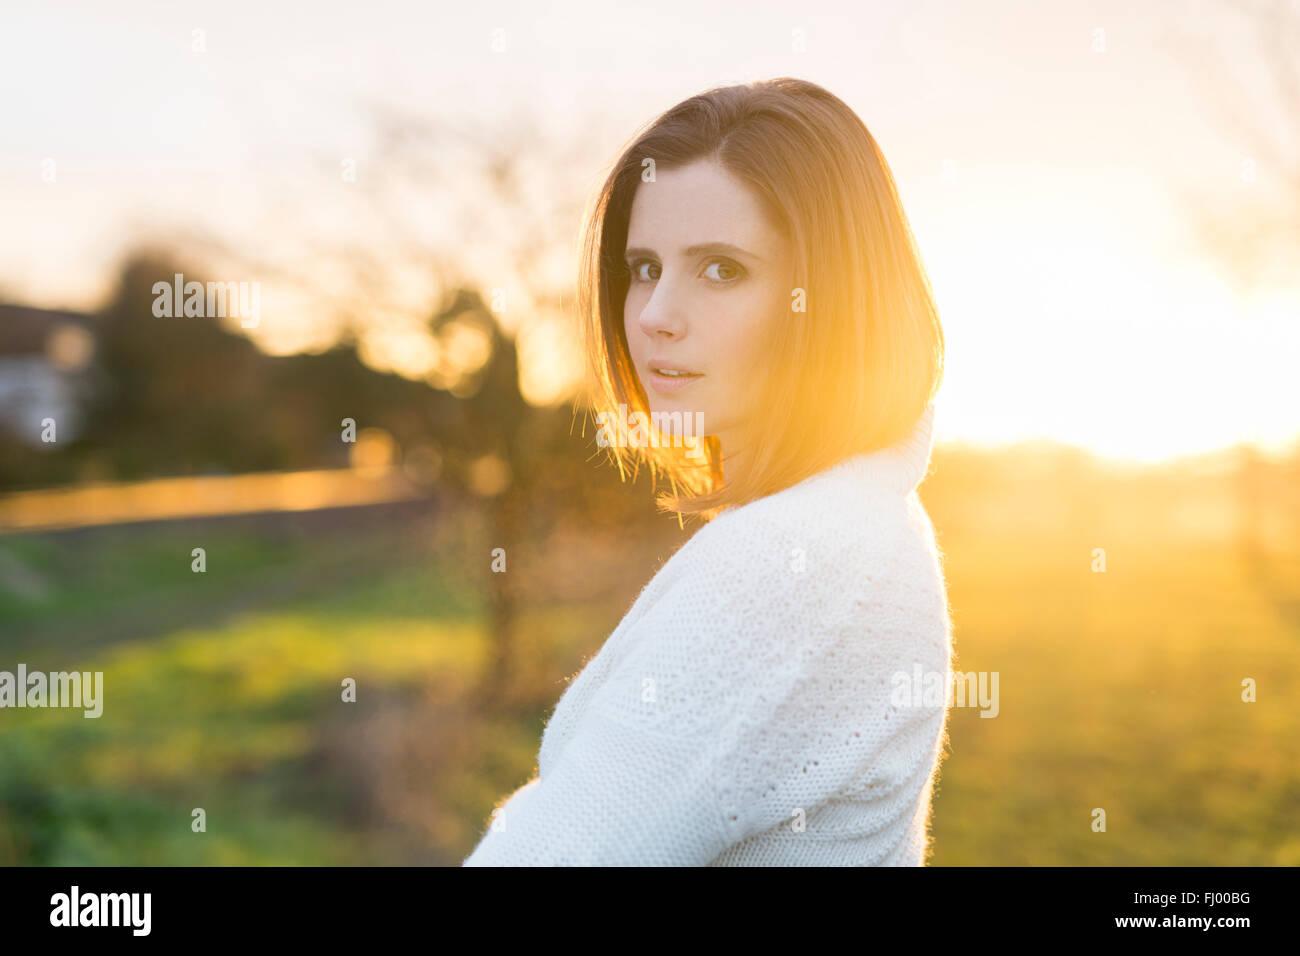 Porträt von Brünette Frau im Feld bei Sonnenaufgang Stockbild